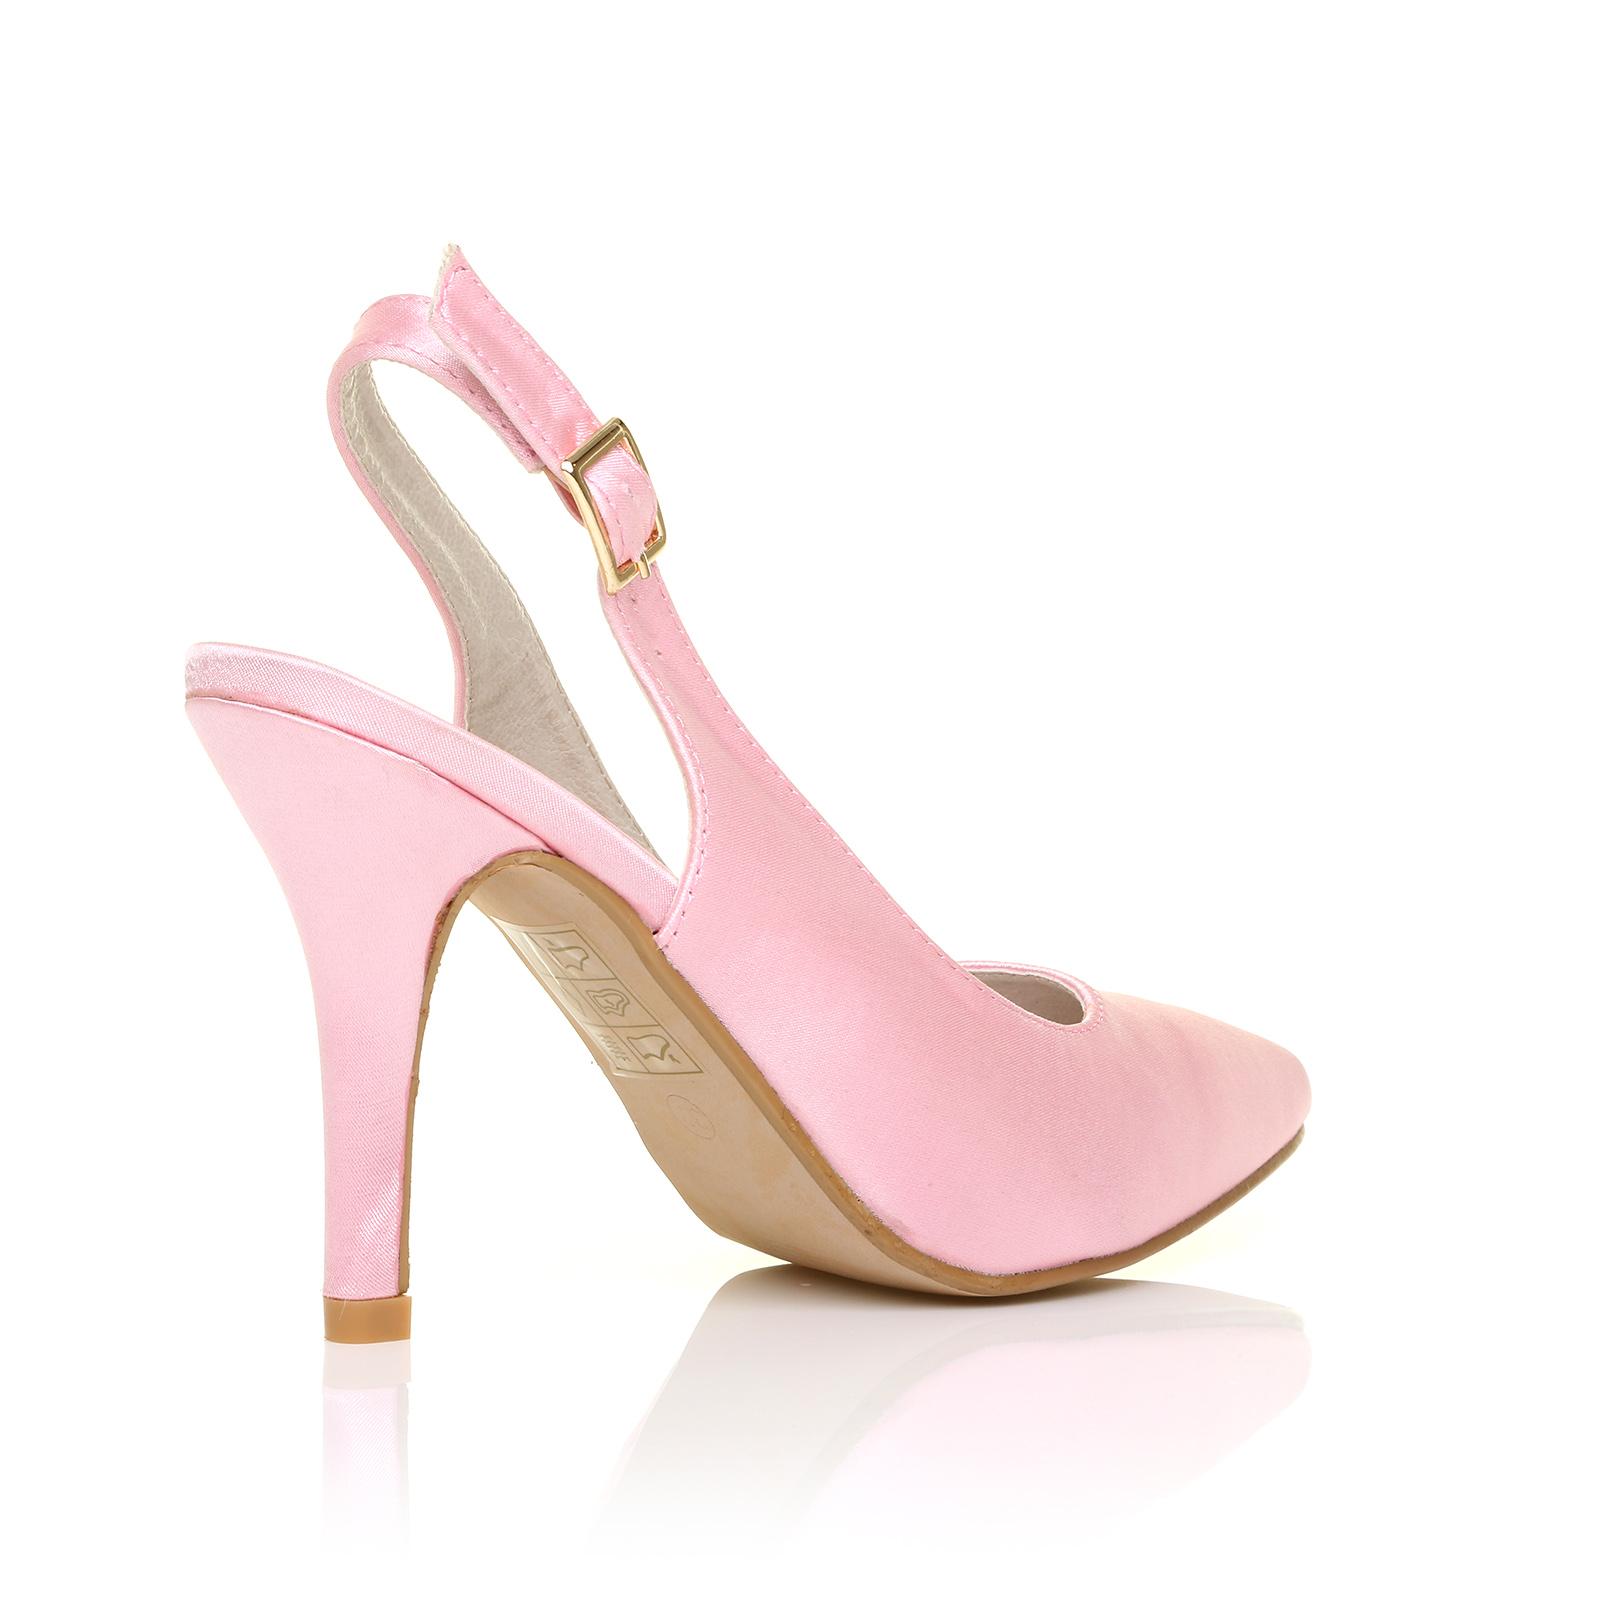 faith baby pink satin stiletto high heel slingback bridal